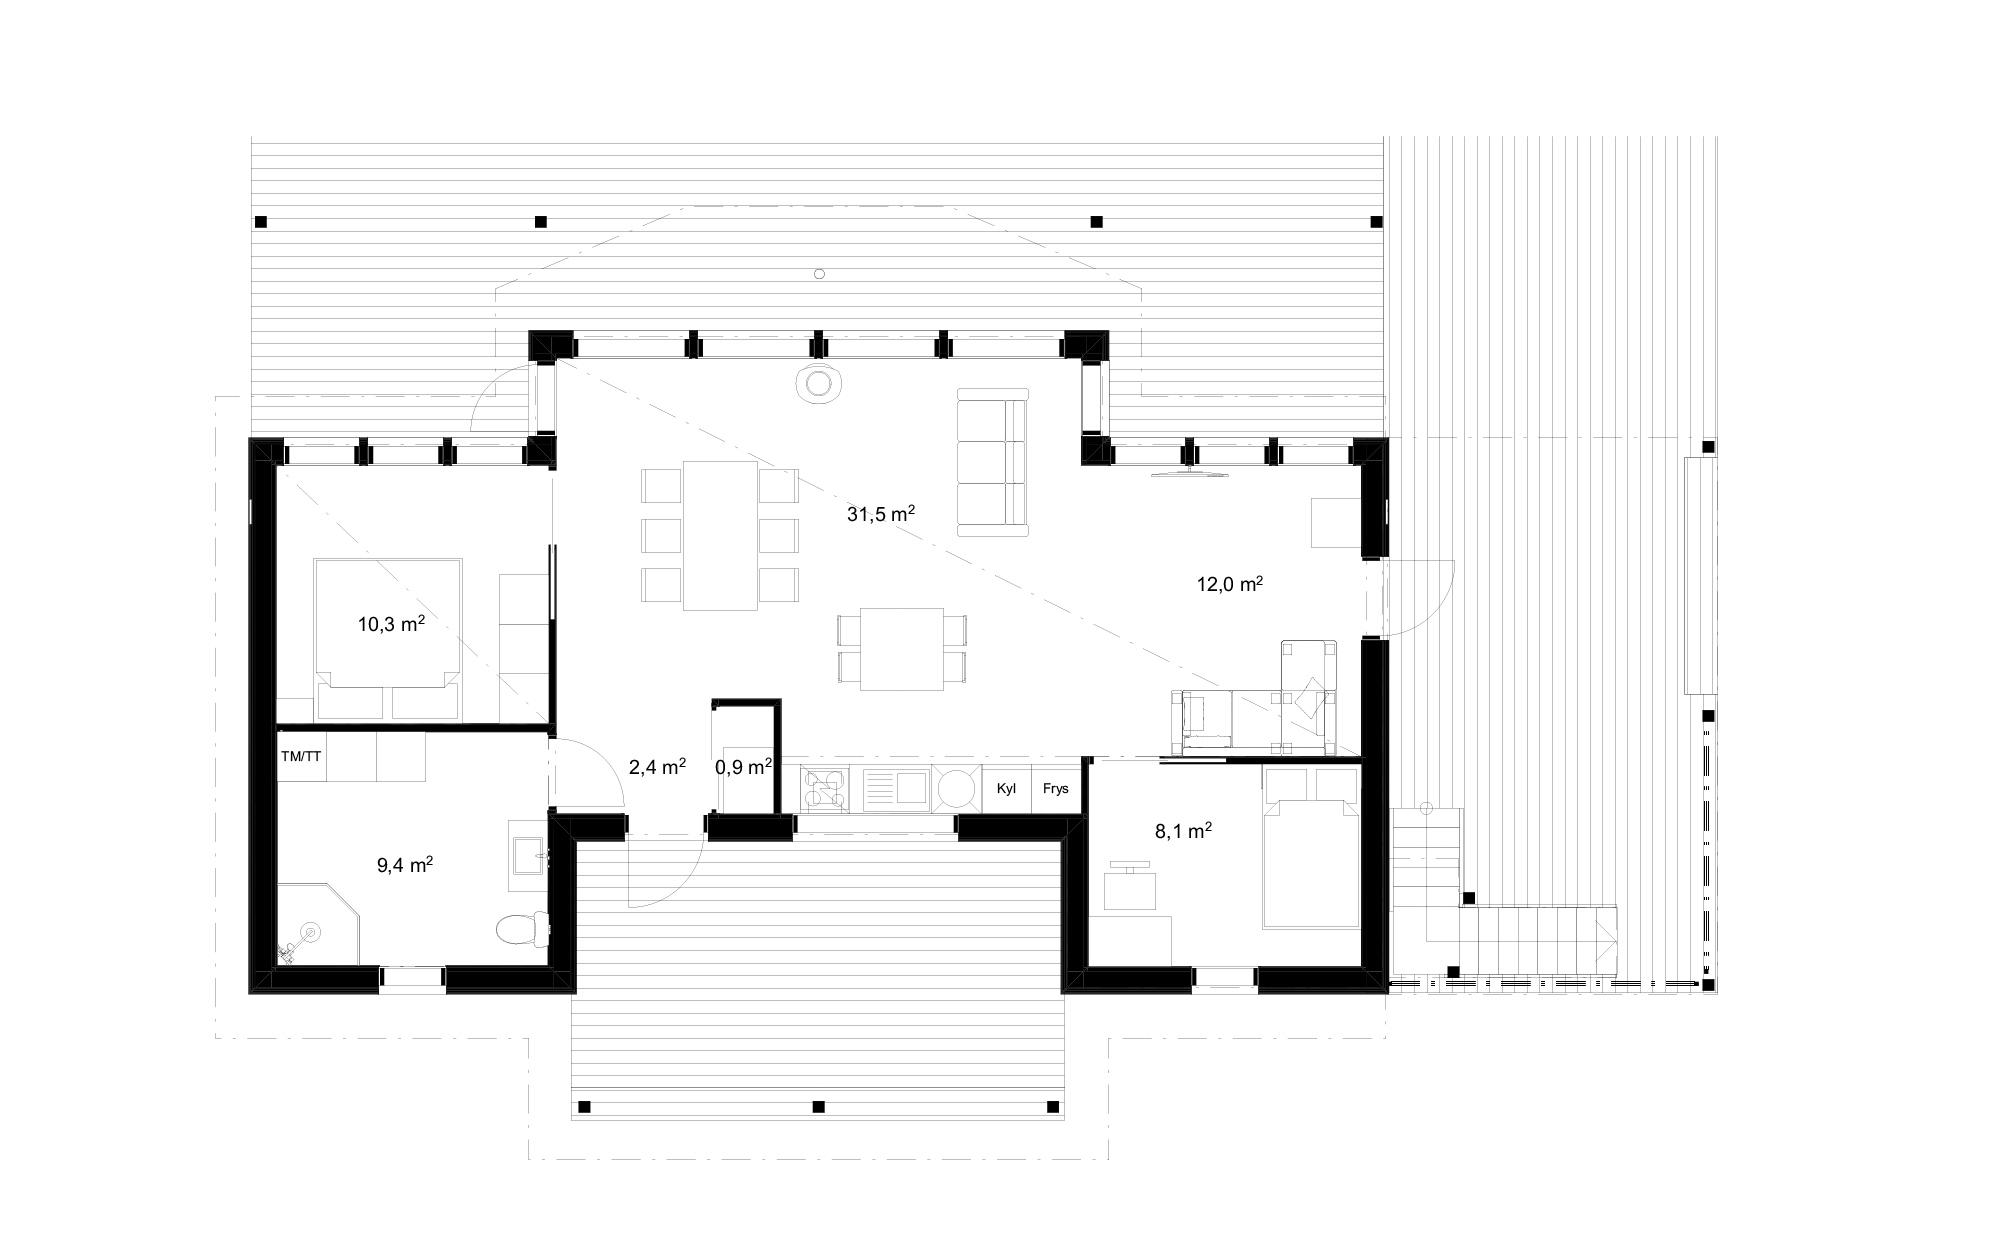 villa-4-planritning-floor-1